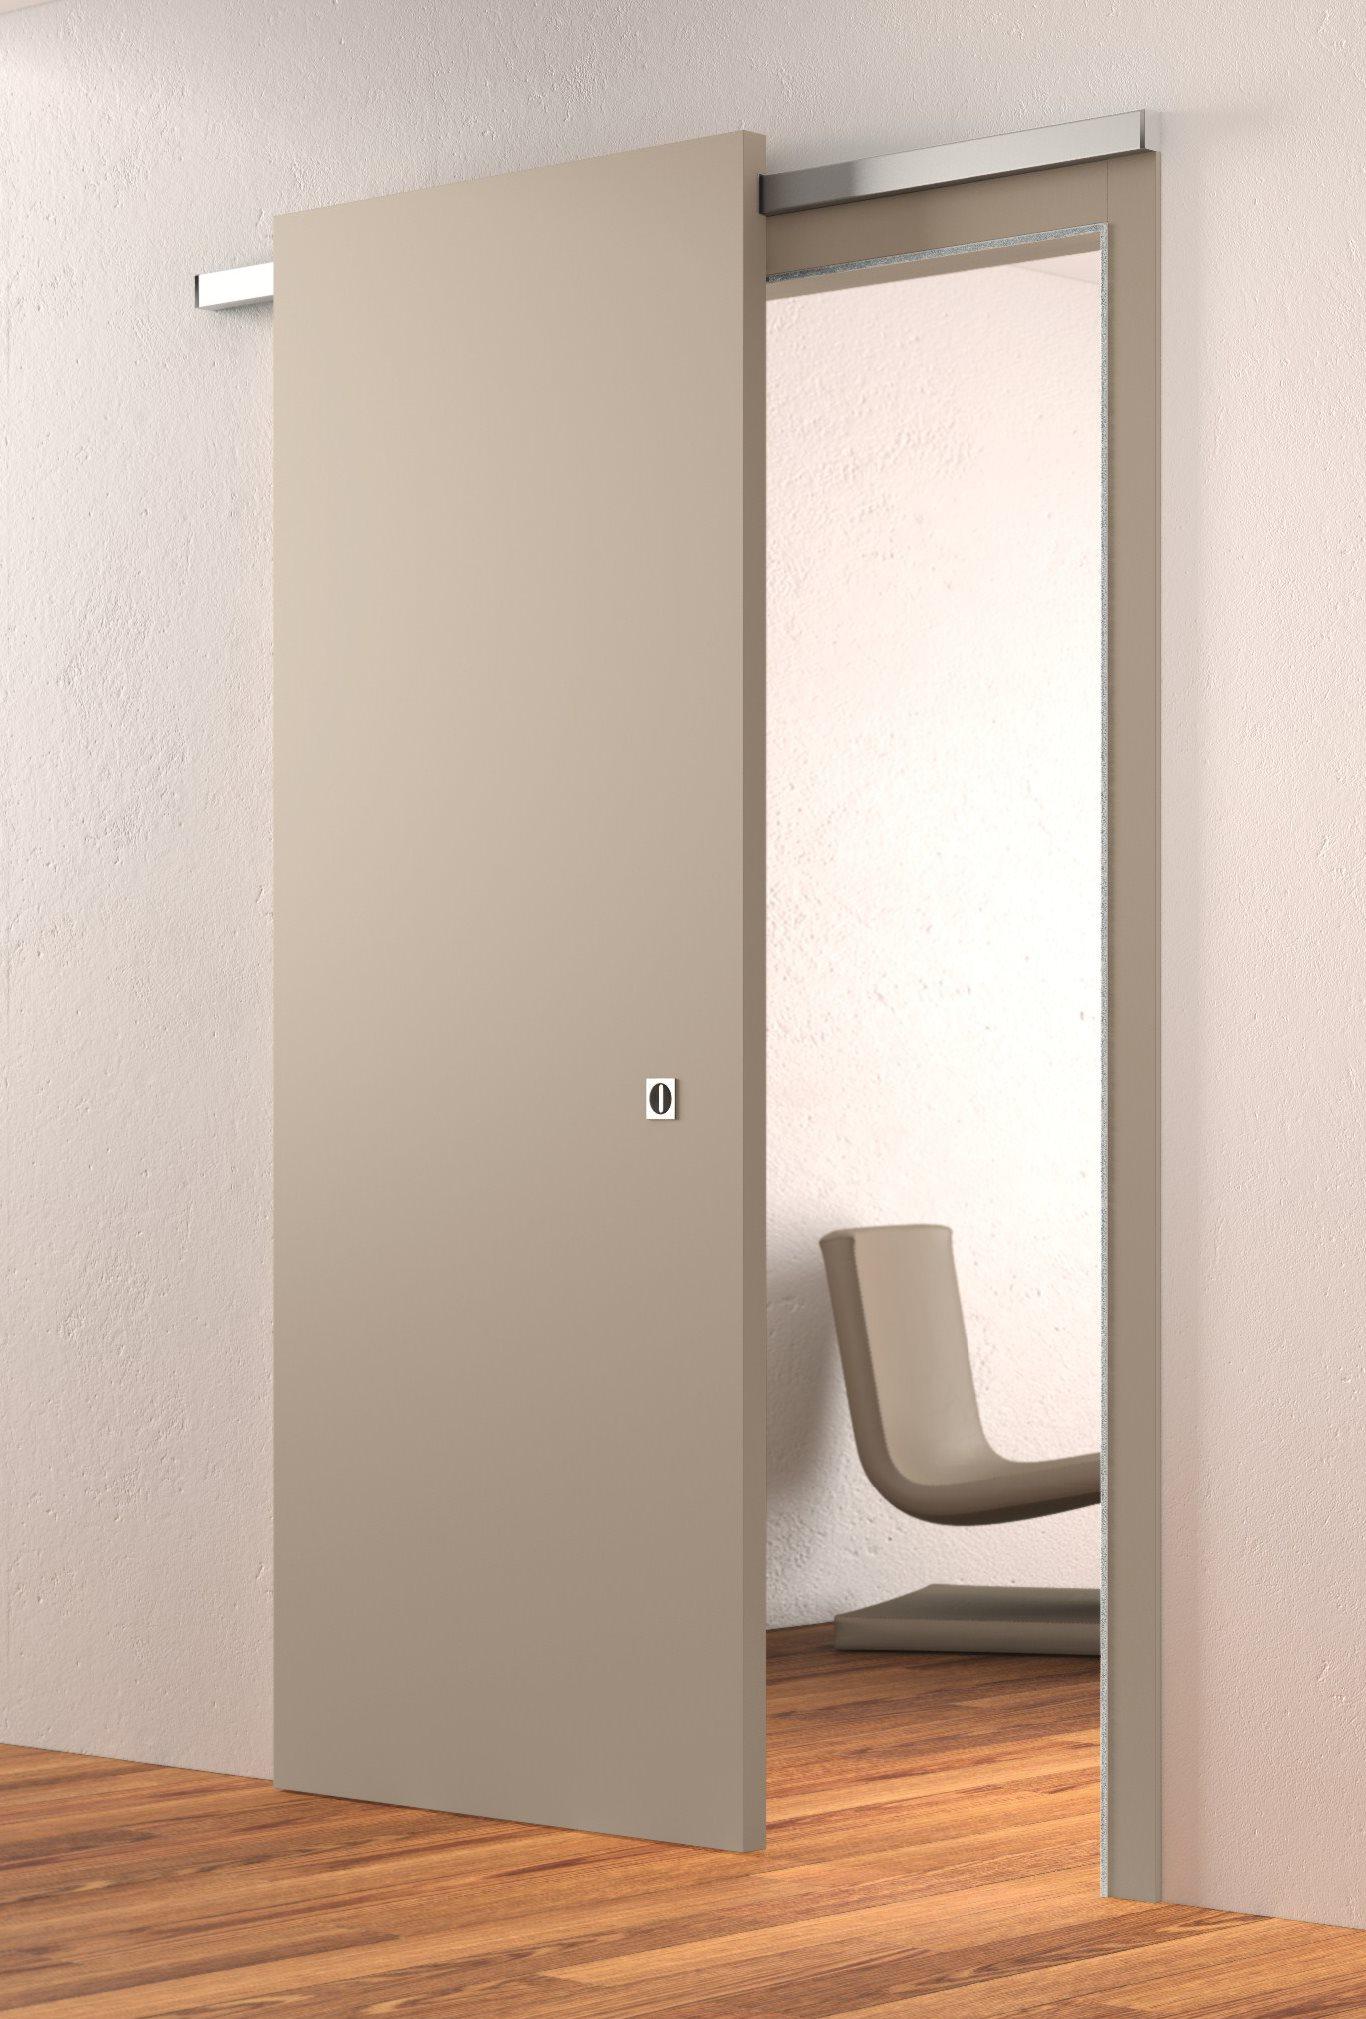 Porta interna scorrevole prezzo - Prezzo porta interna ...